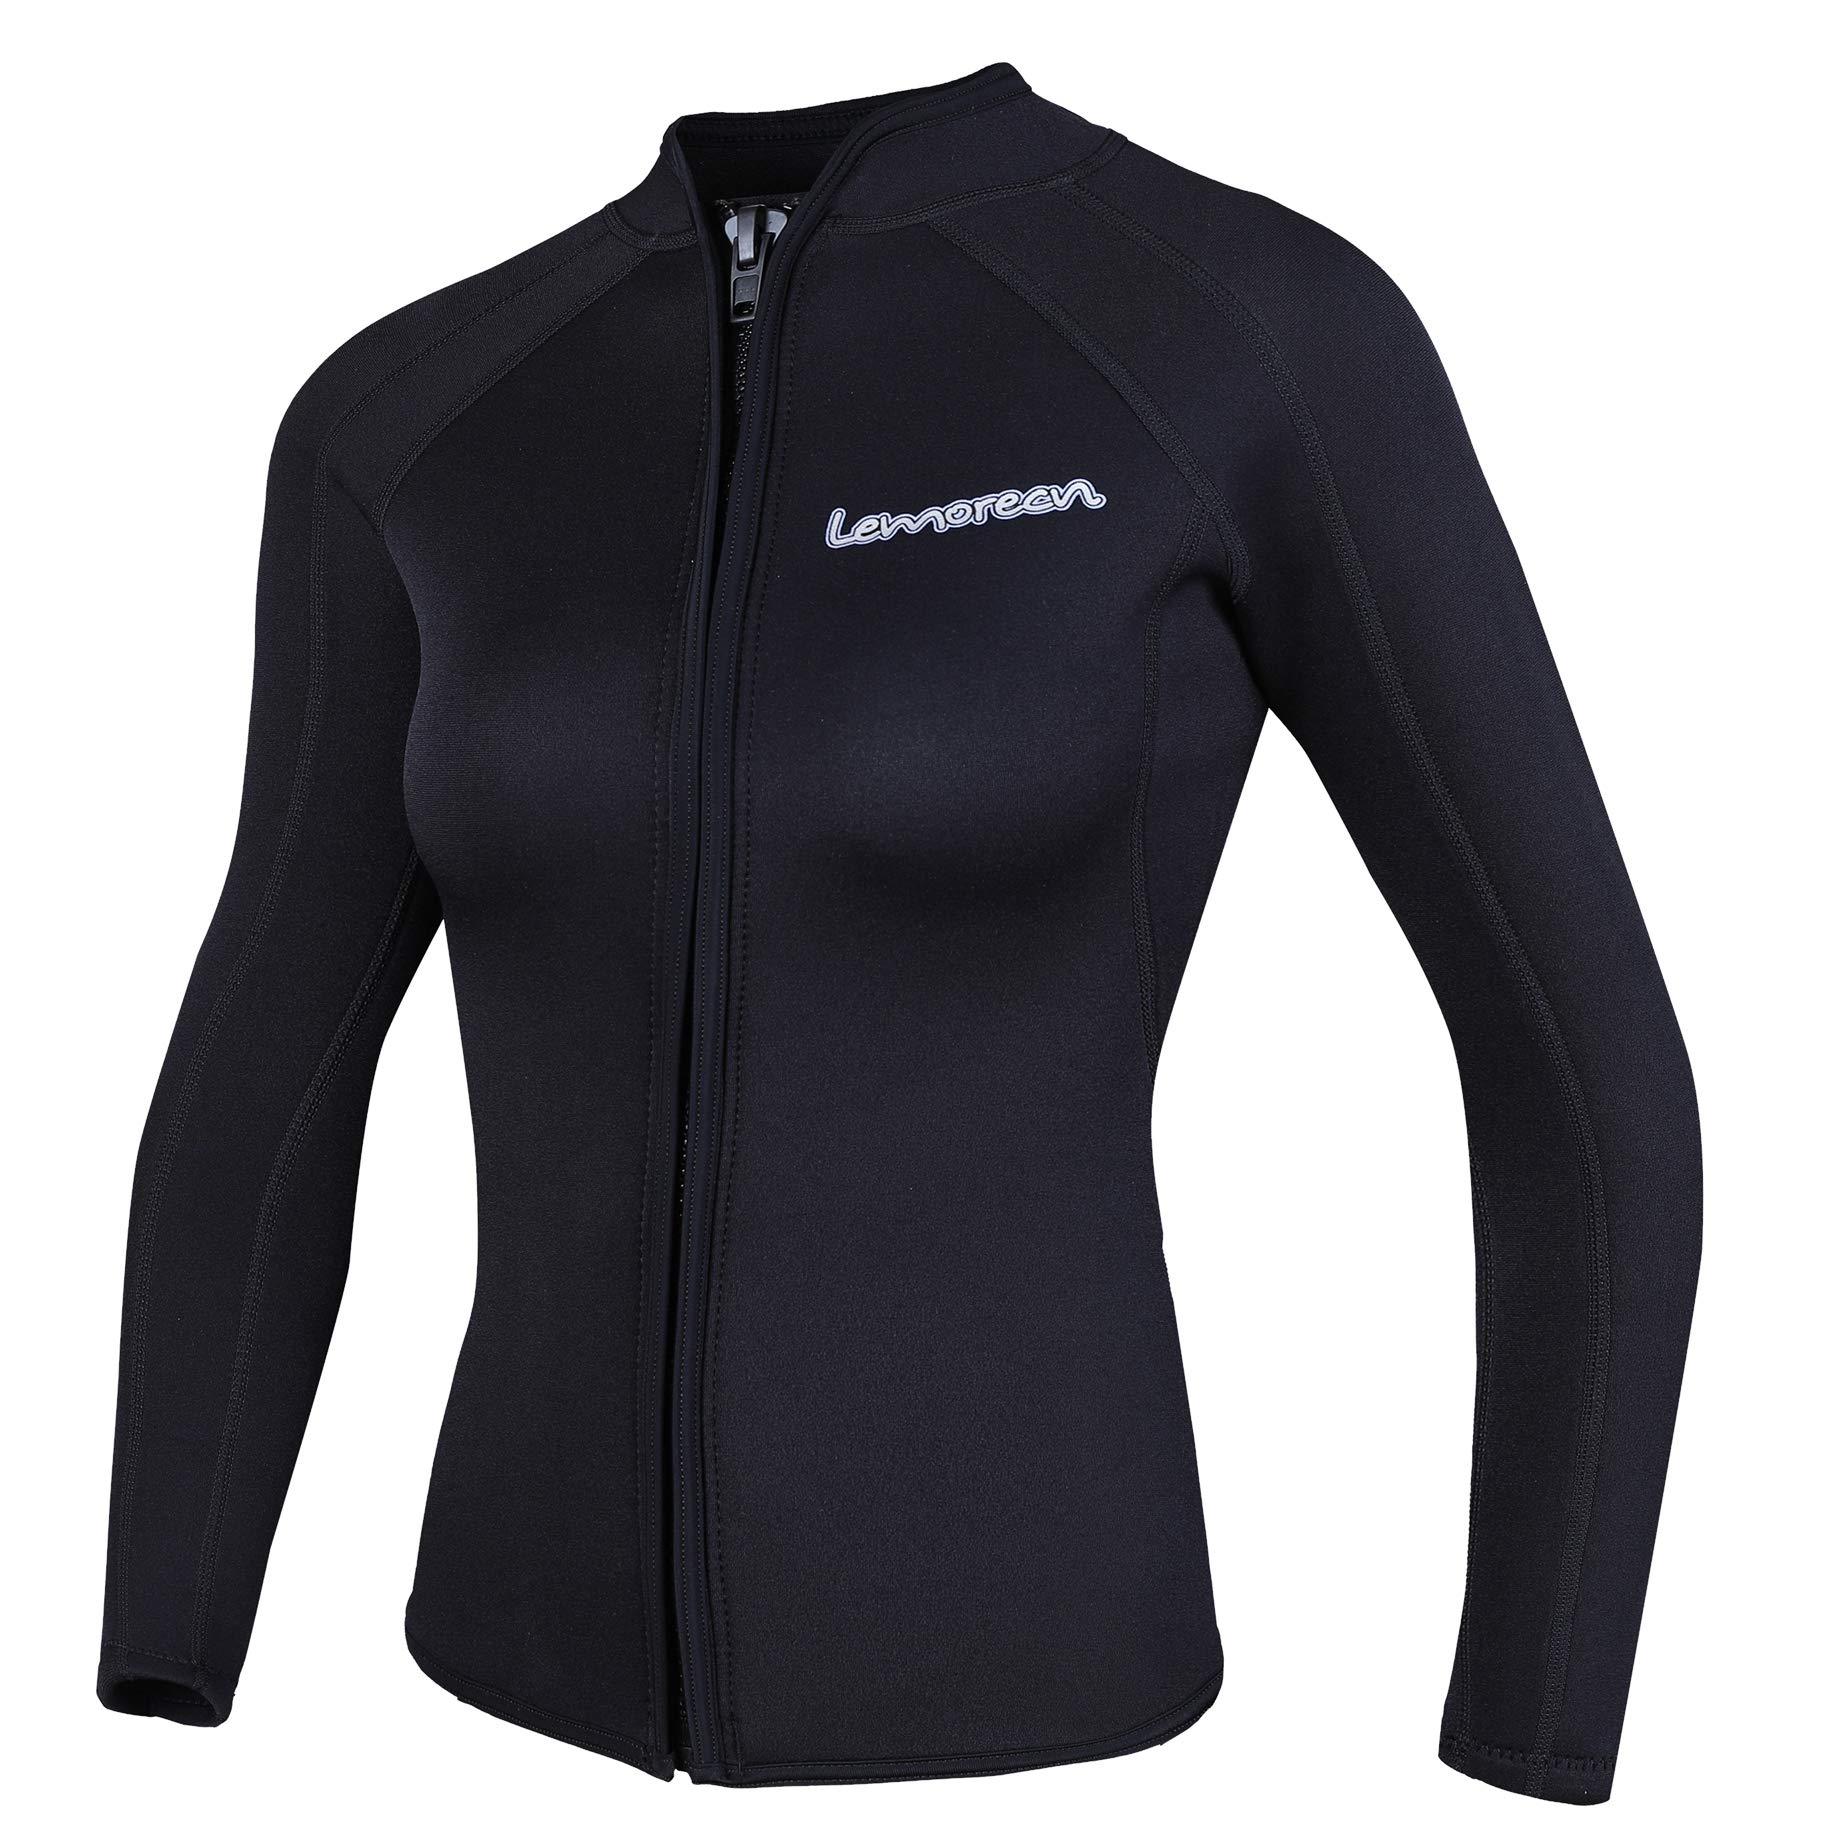 Lemorecn Women's 3mm Wetsuits Jacket Long Sleeve Neoprene Wetsuits Top (2041black14)